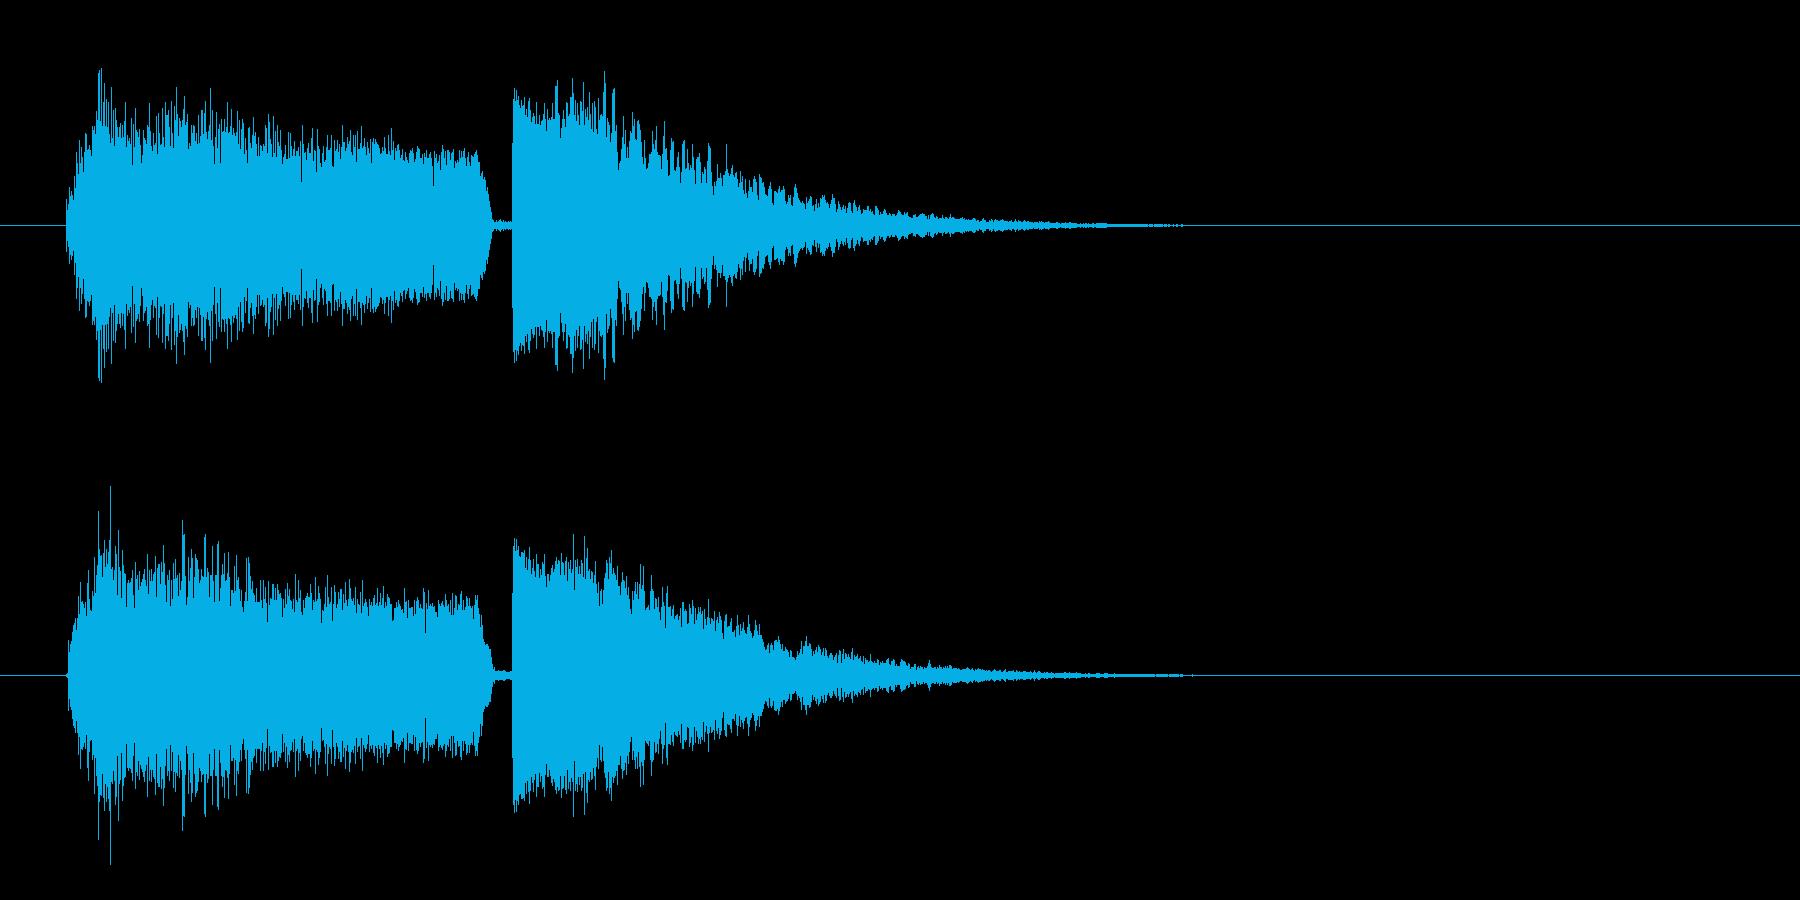 シュワーキーン インパクト音 ロゴの再生済みの波形